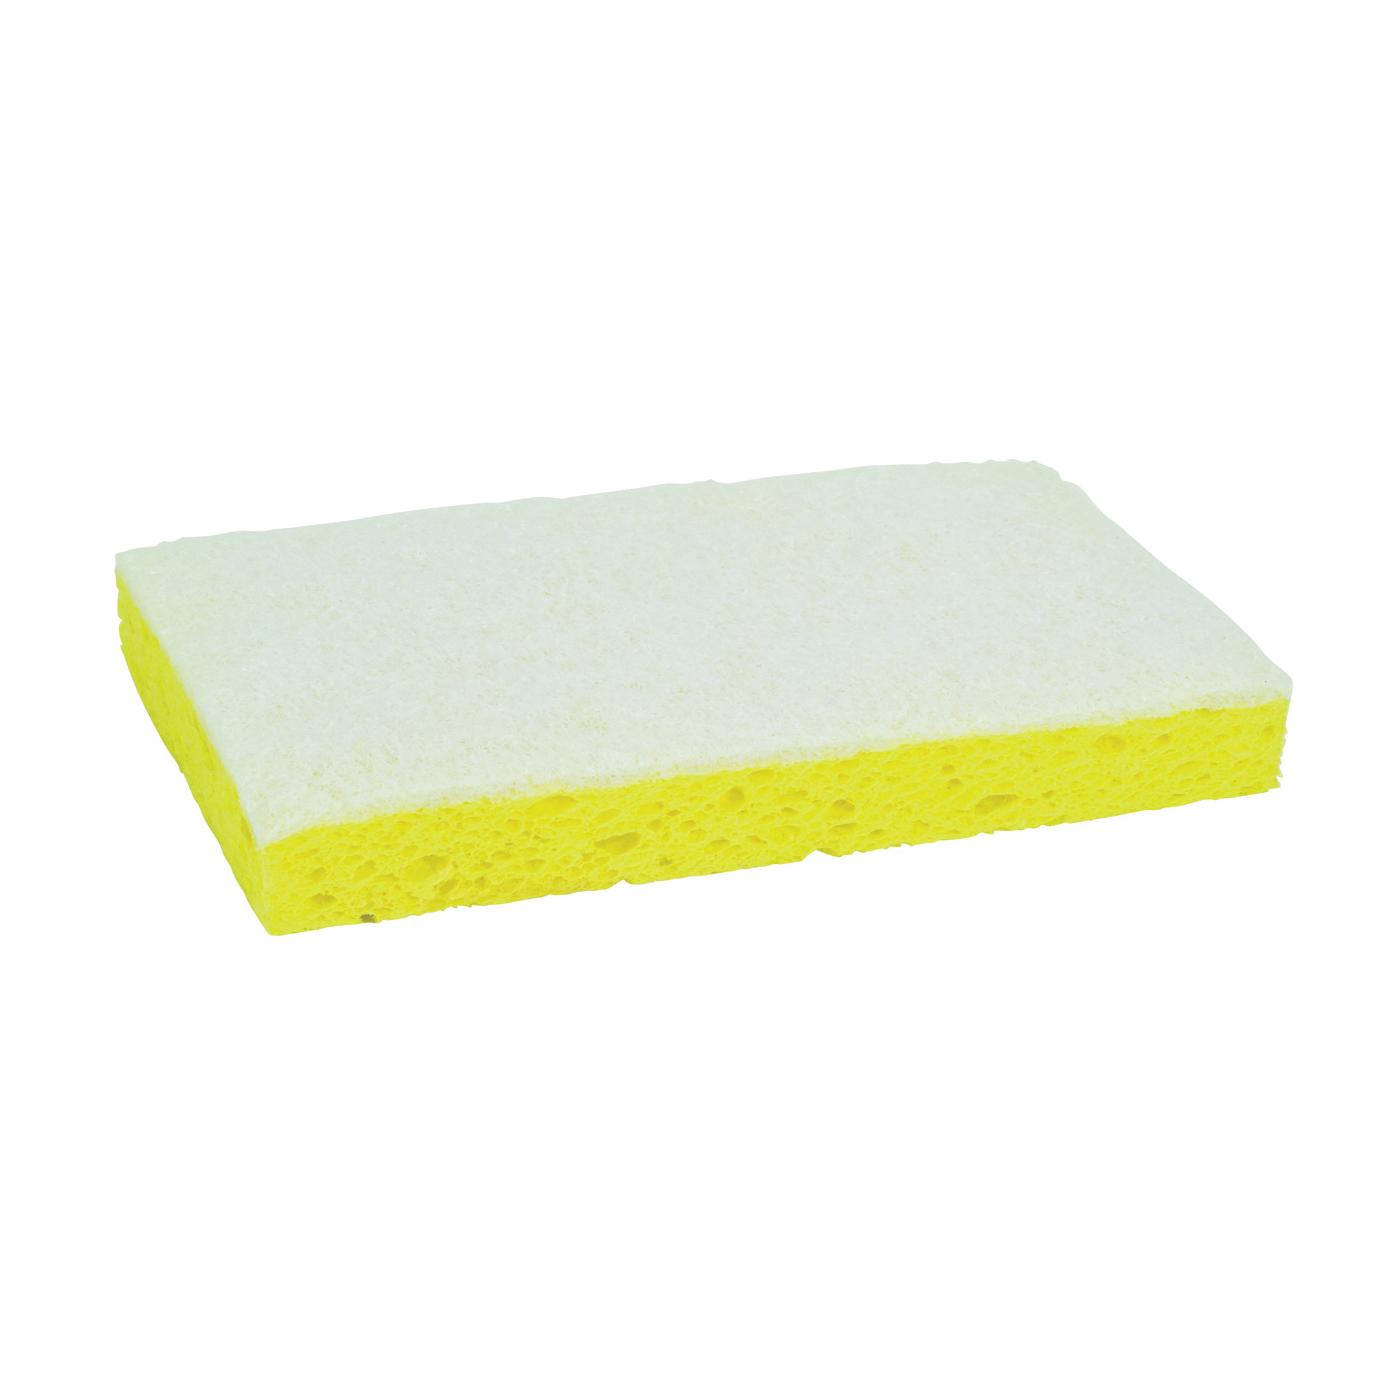 Picture of Scotch-Brite 63 Scrub Sponge, 6.1 in L, 3.6 in W, 0.7 in Thick, Cellulose/Fiber/Mineral/Resin, White/Yellow